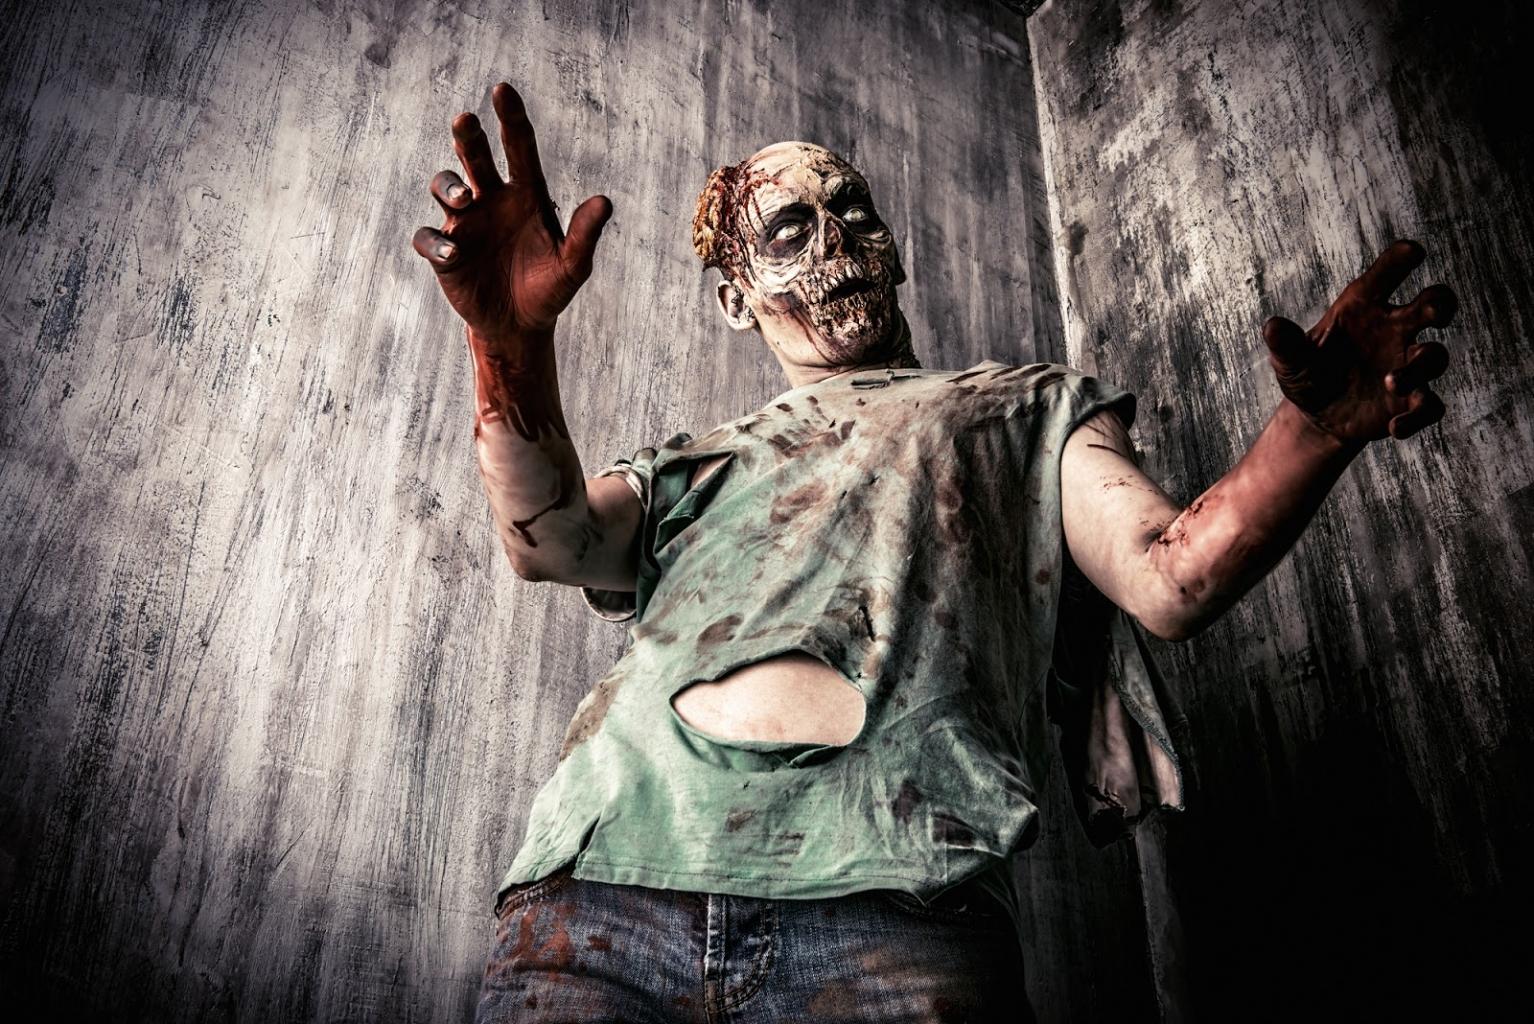 Karneval In Munchen Wie Verkleidet Man Sich Als Zombie